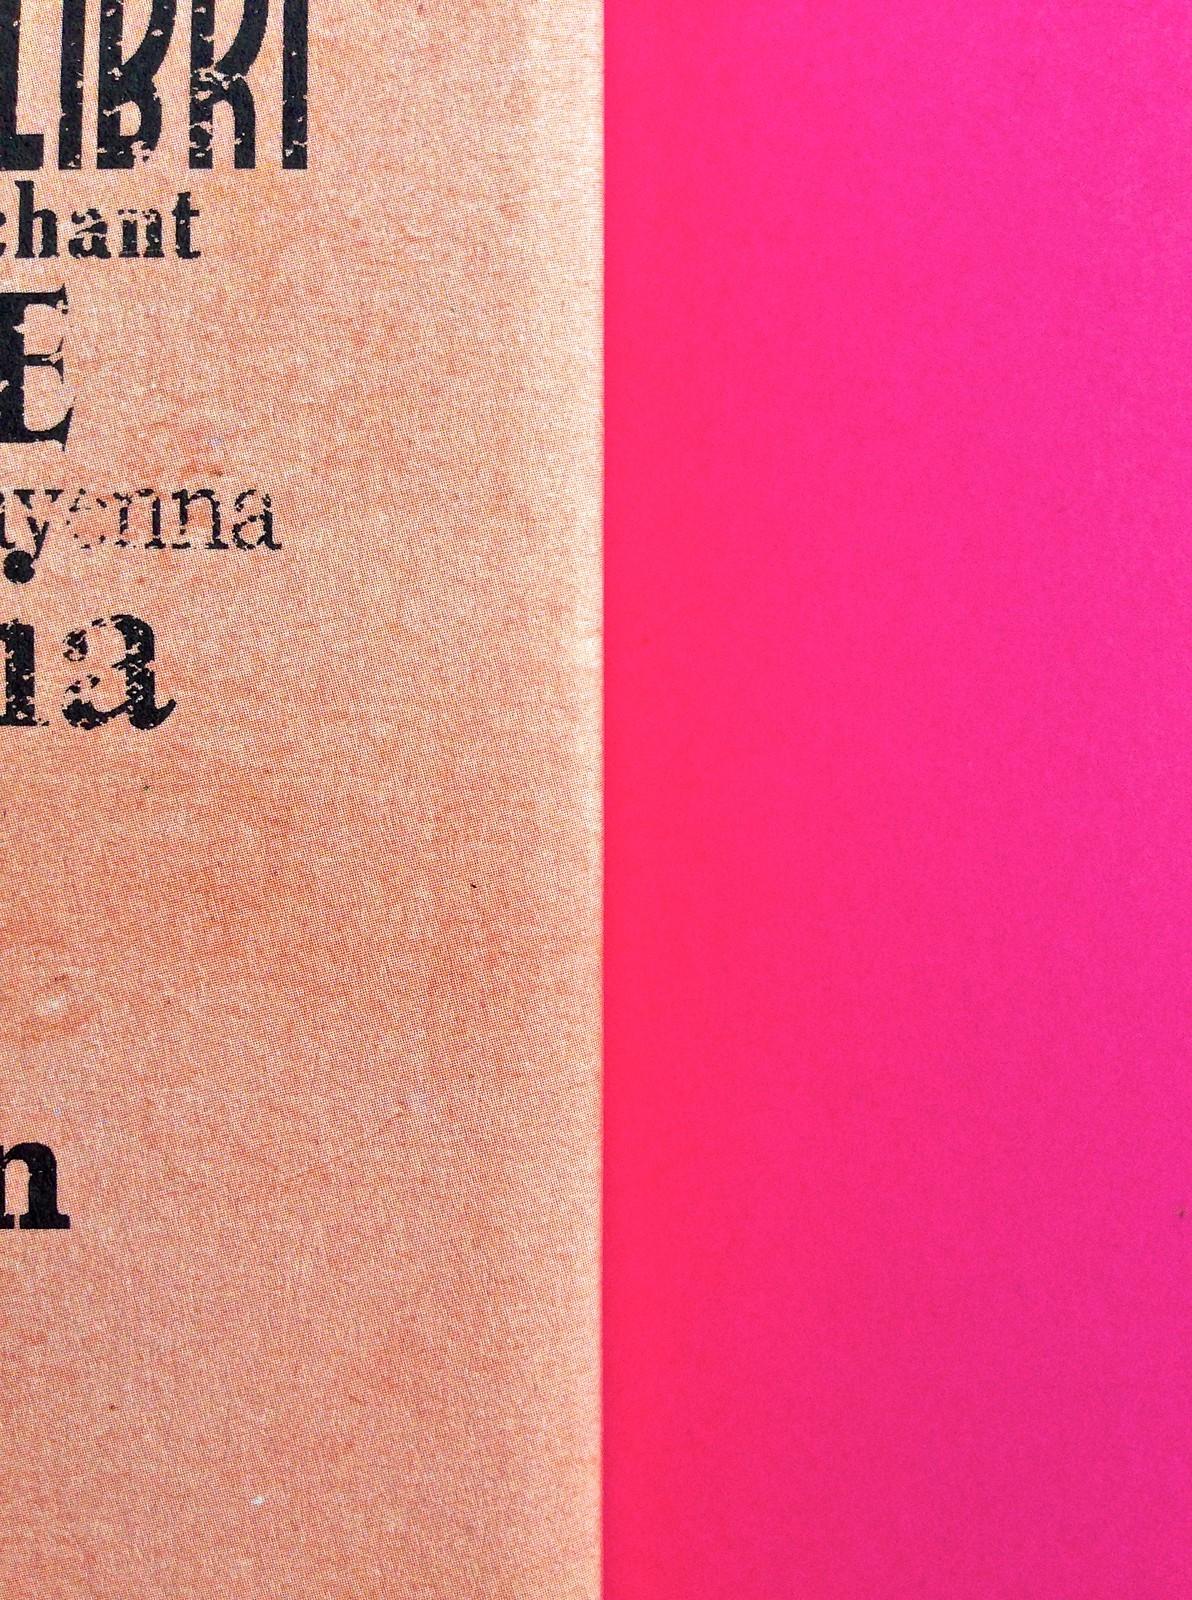 La stella del vespro, di Colette. Del Vecchio Editore 2015. Art direction, cover, illustrazioni, logo design: IFIX | Maurizio Ceccato. Quarta di copertina (part.), 2